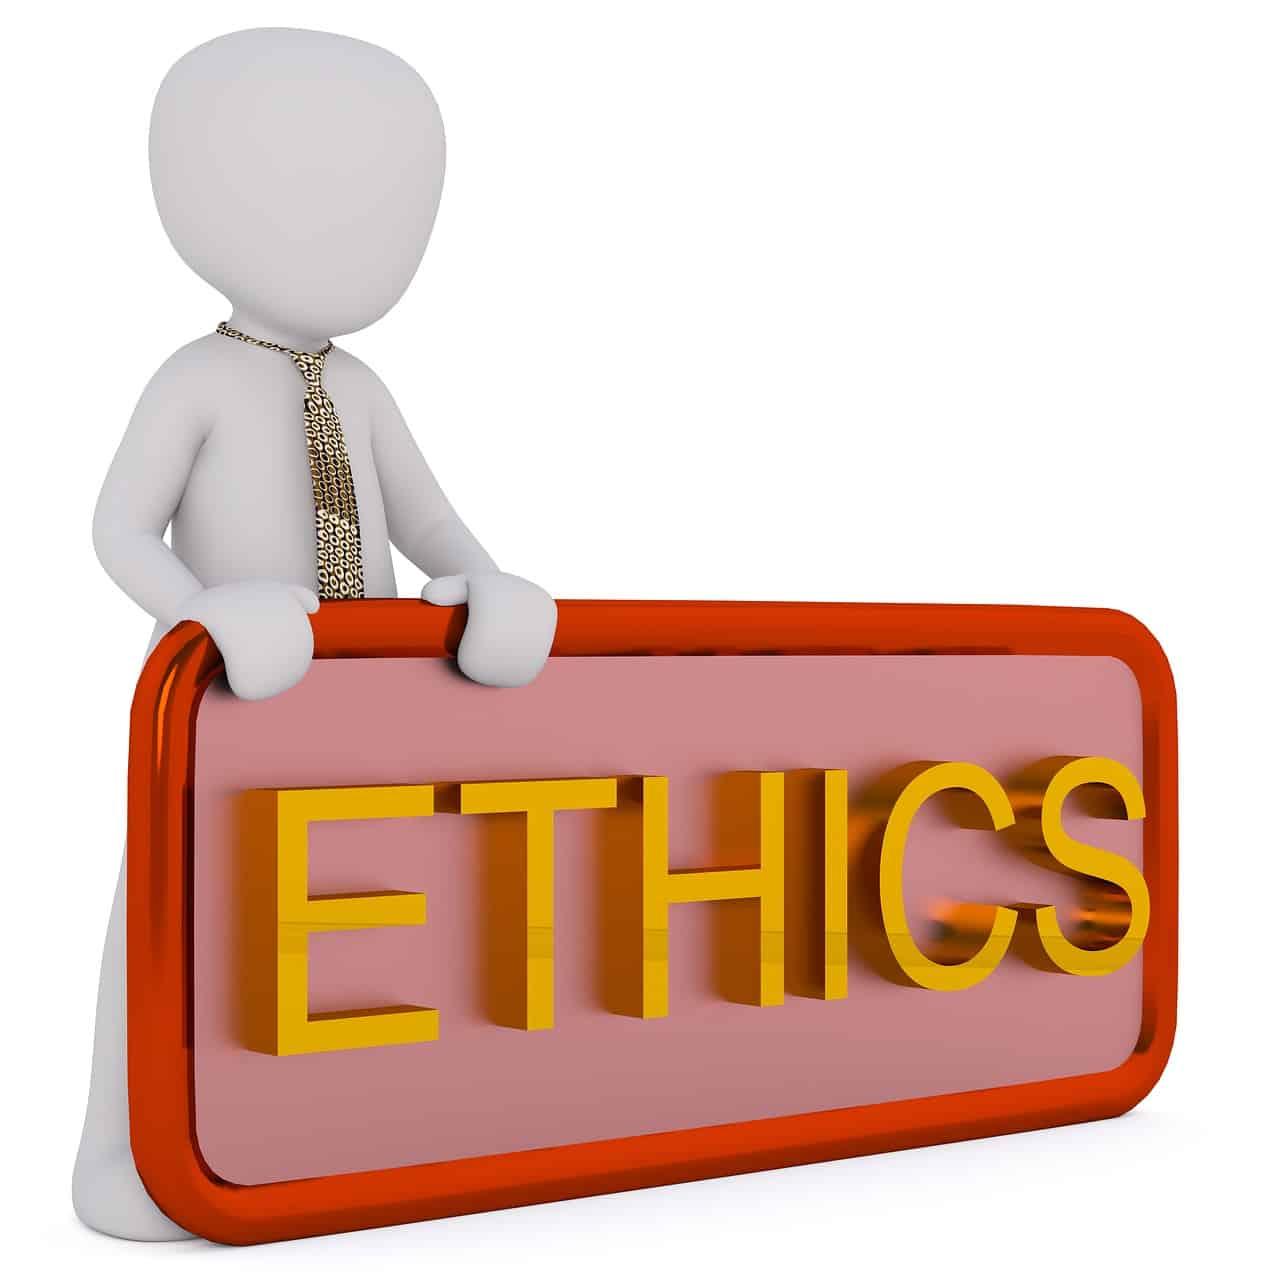 דמות מצוירת אוחזת שלט שרשום עליו באנגלית ethics